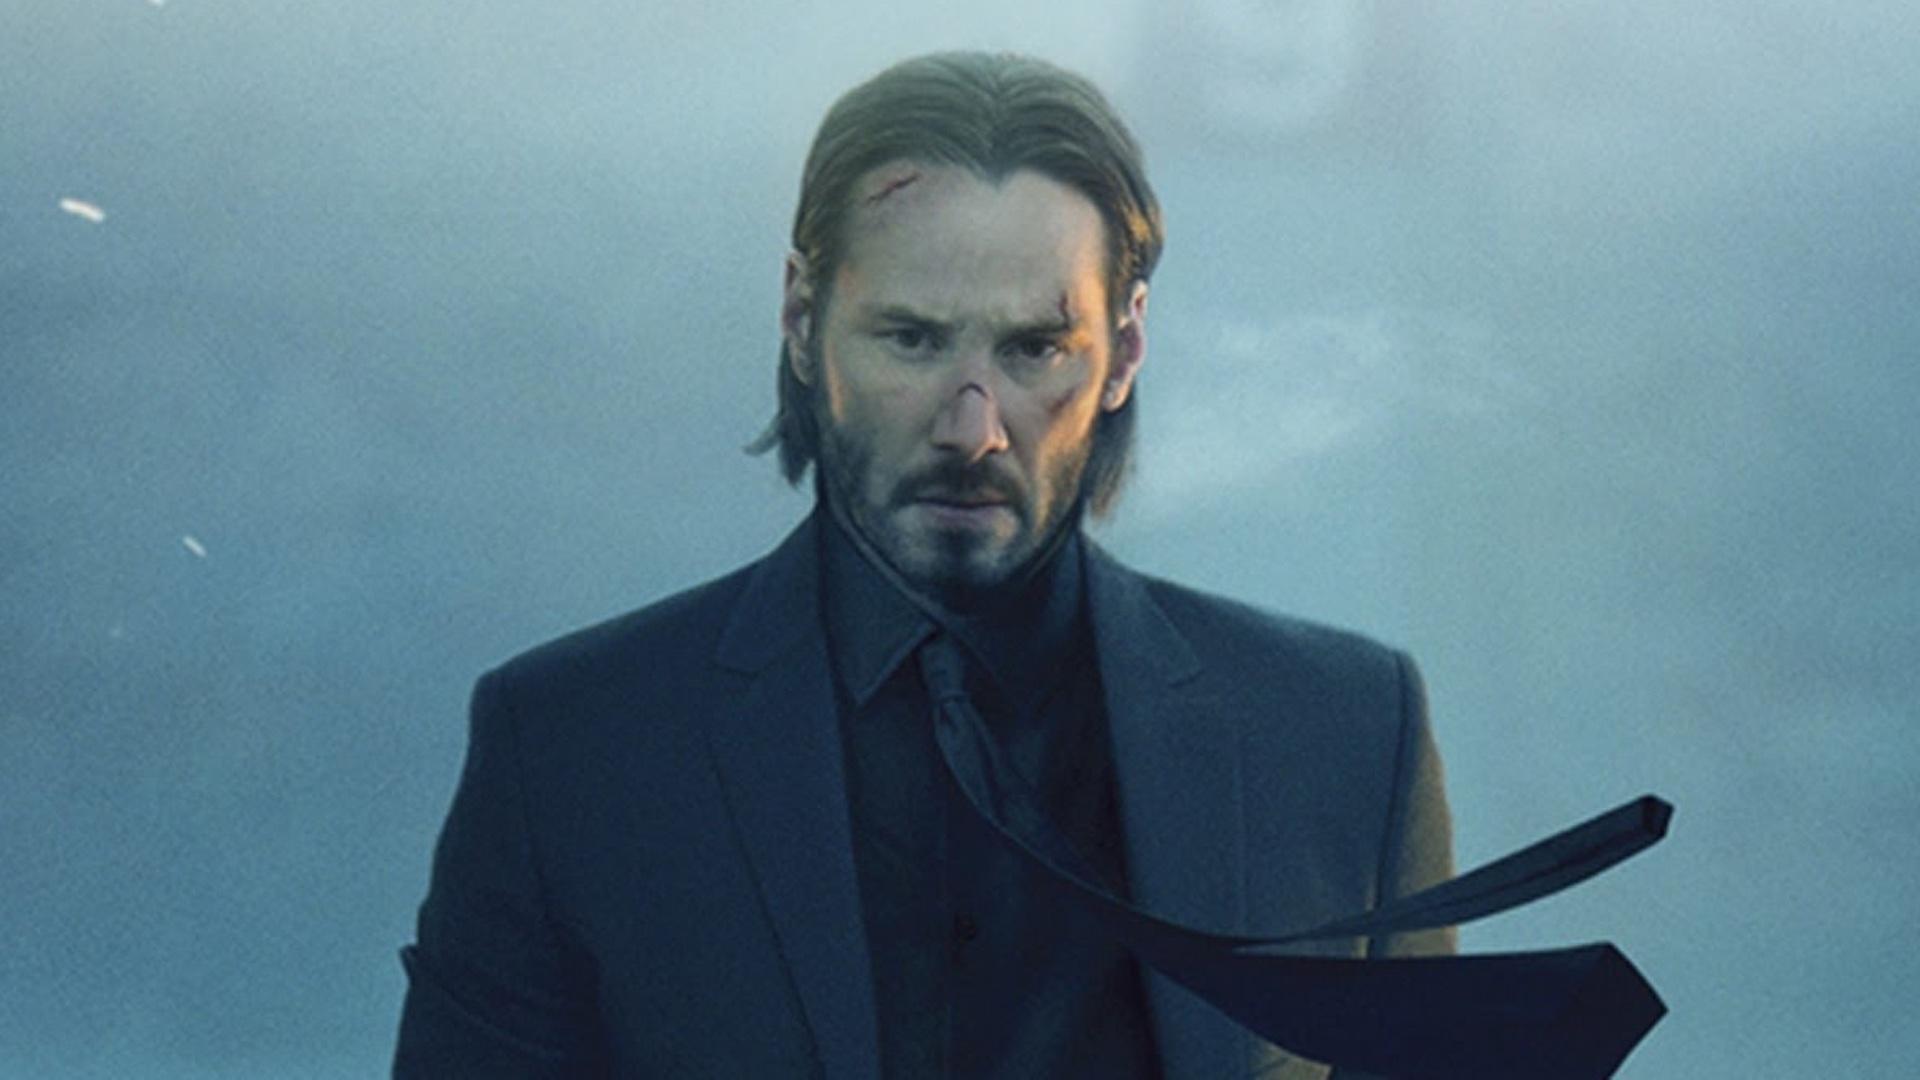 Szybcy i wściekli - czy Keanu Reeves pojawi się w serii?